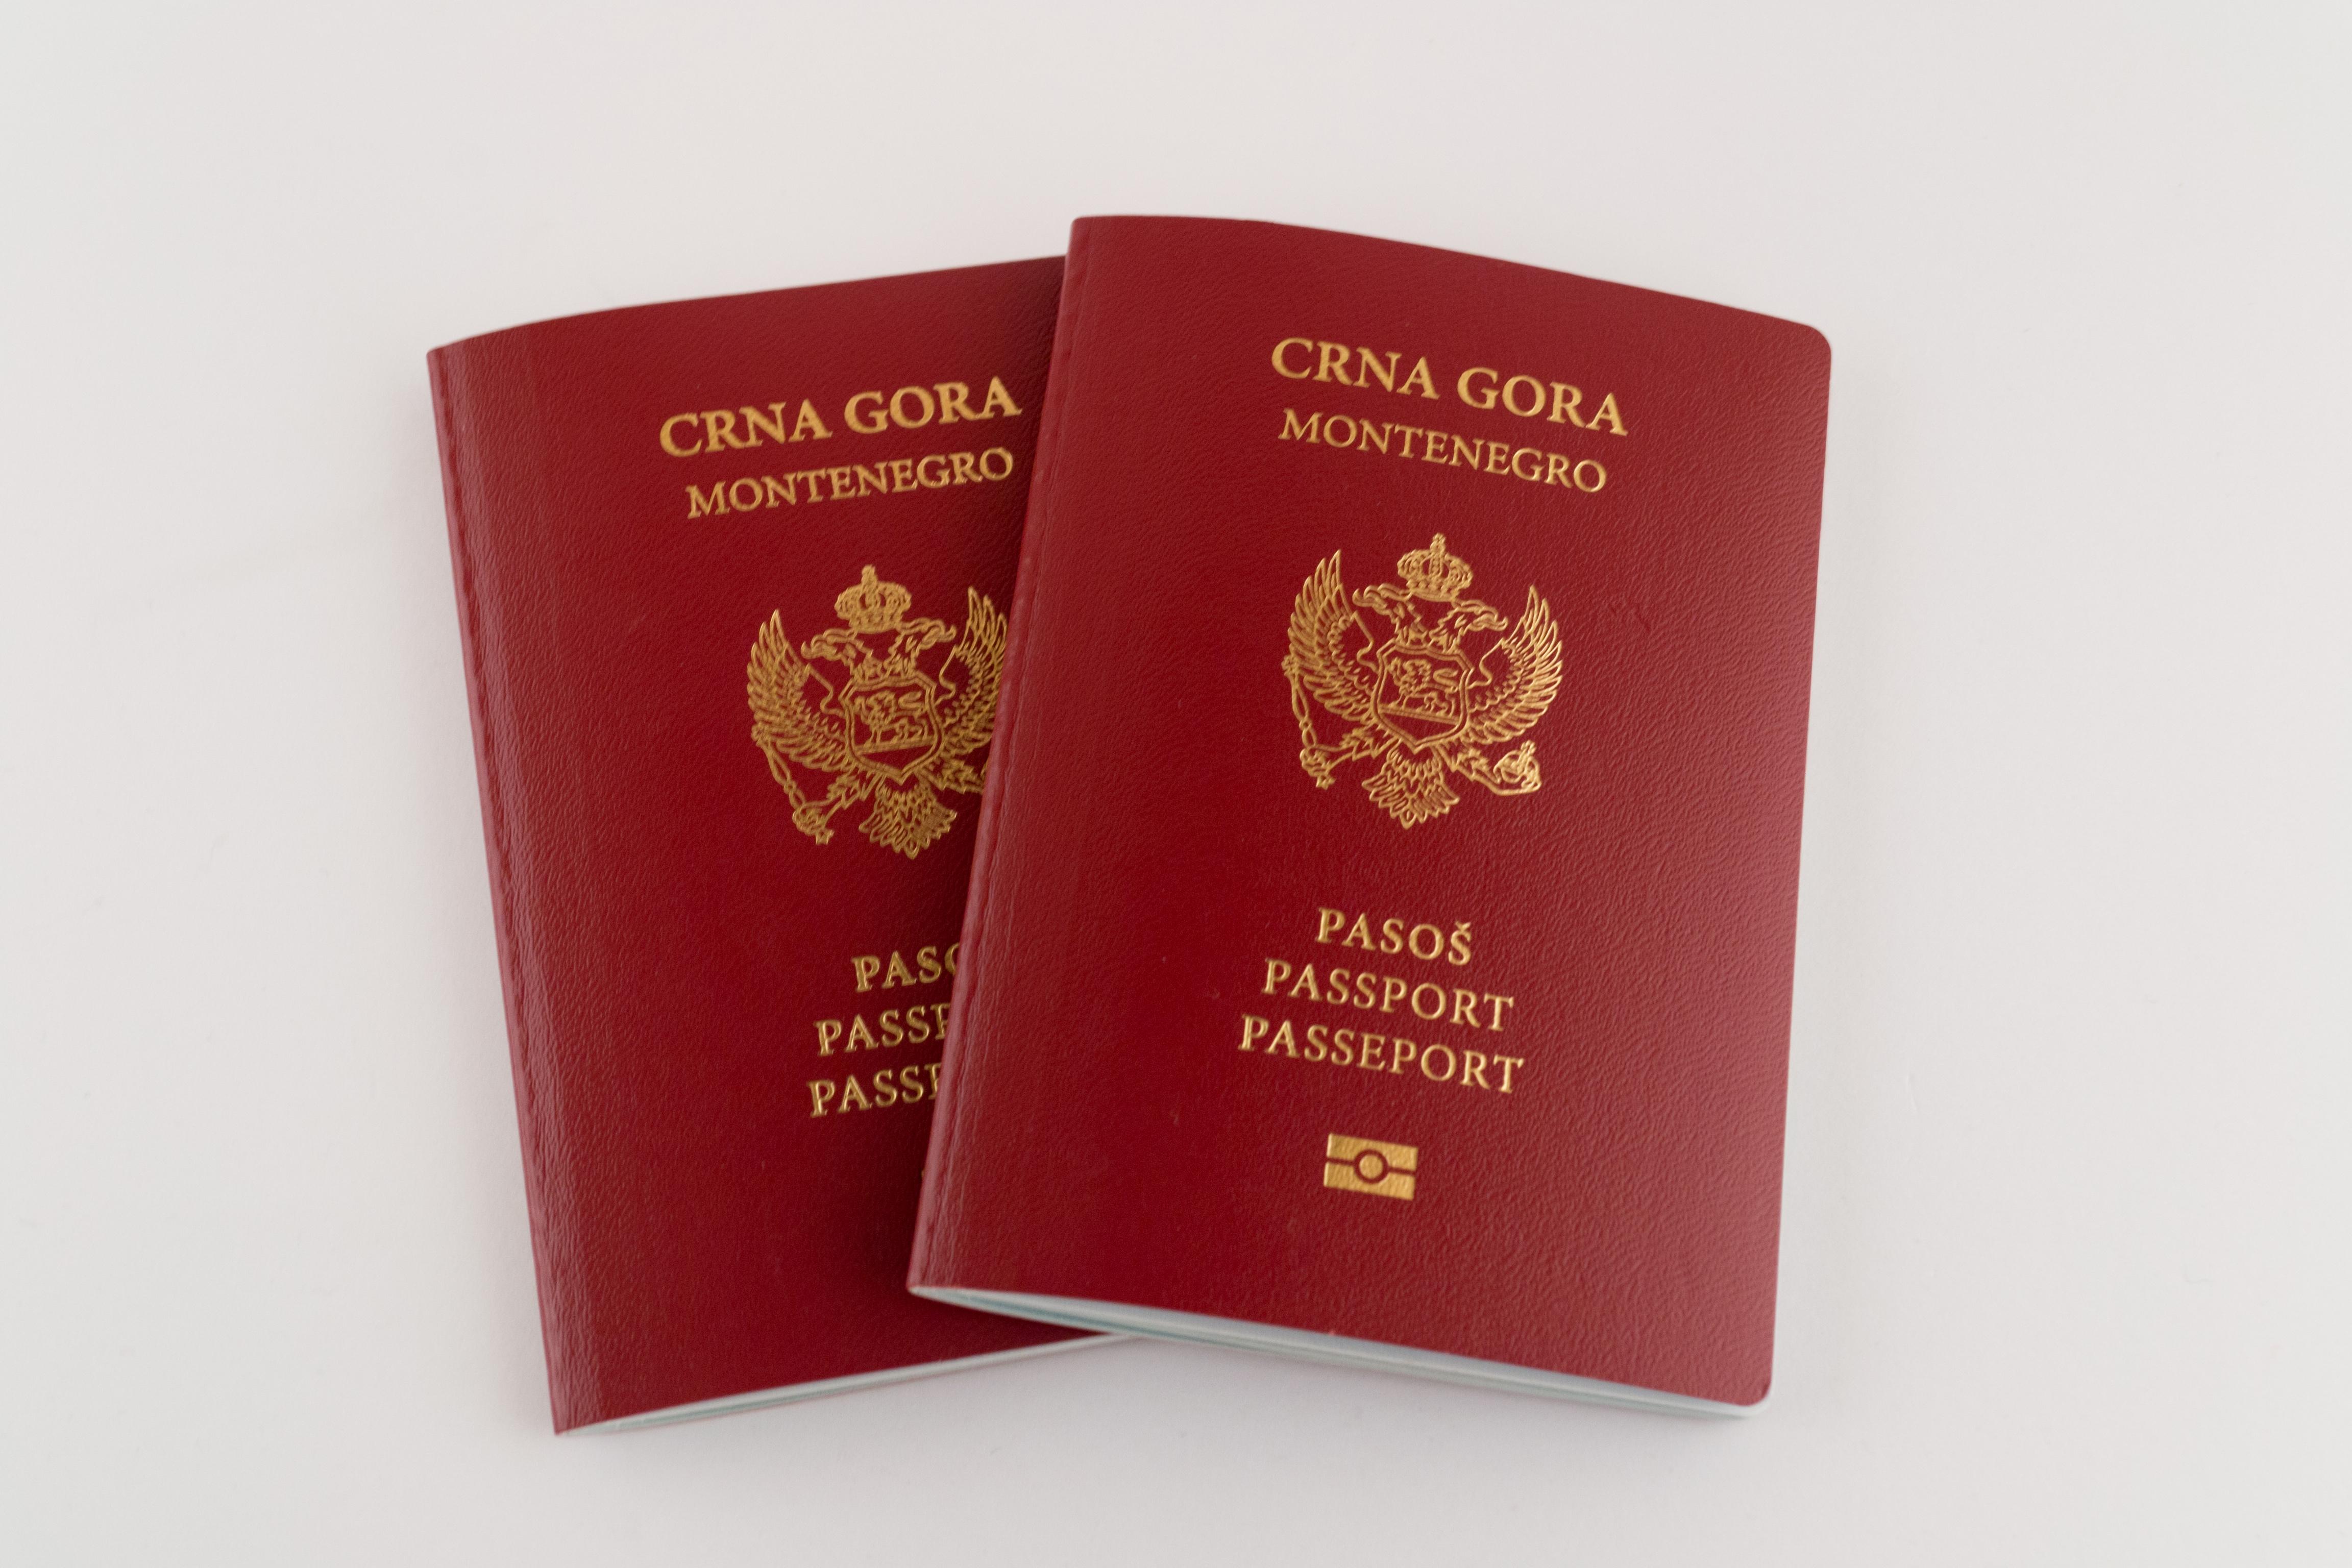 Паспорта Черногории, которые могут получить иностранцы